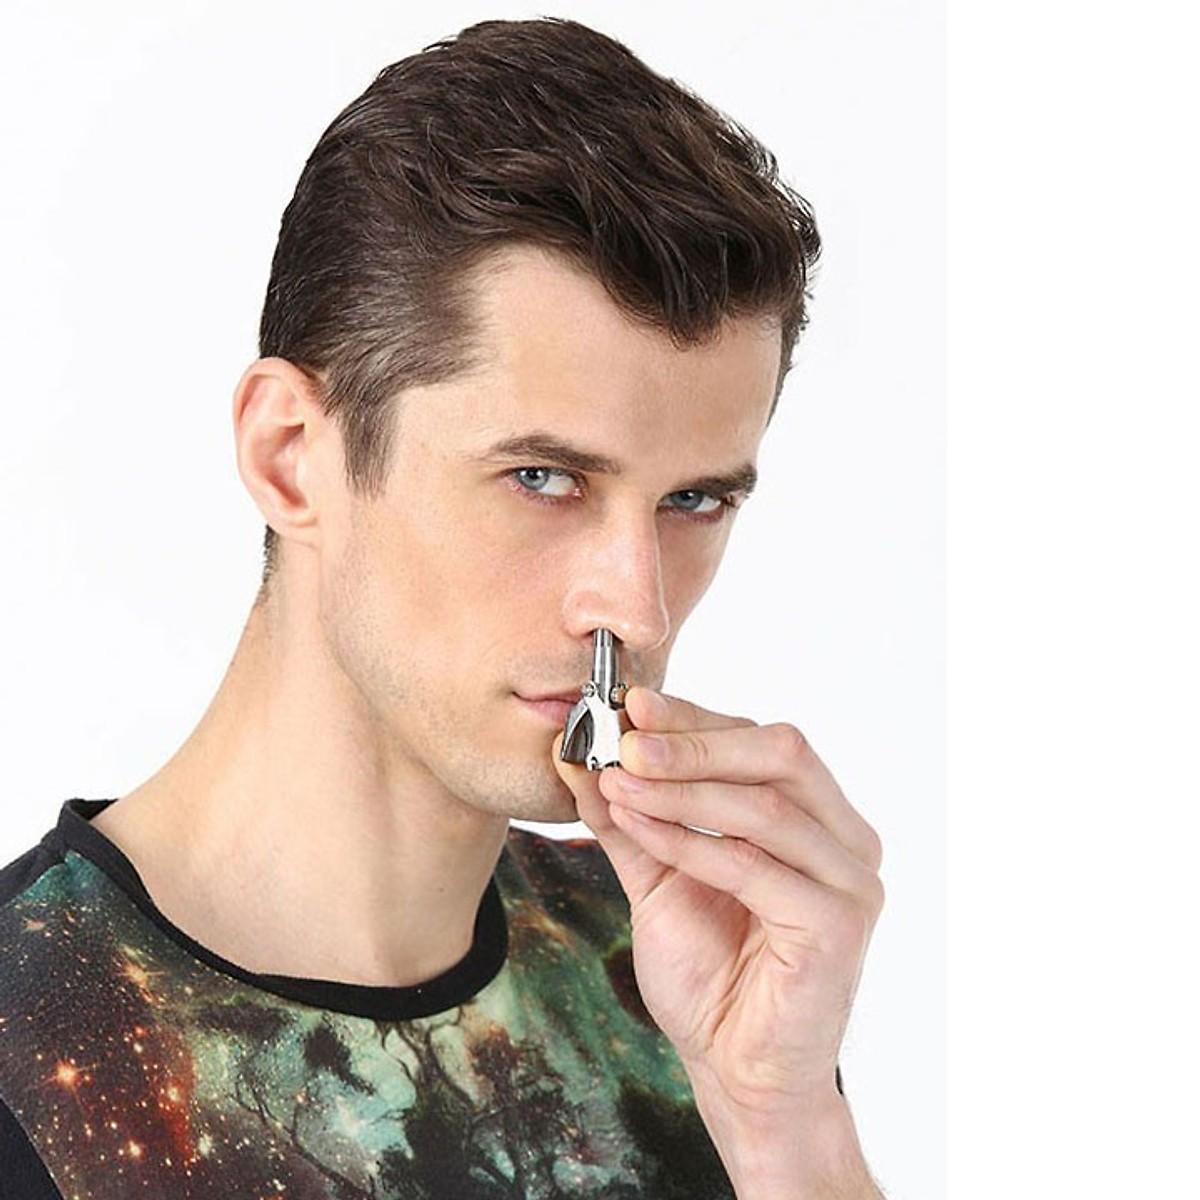 Máy tỉa lông mũi - Dụng cụ cắt lông mũi tốt nhất